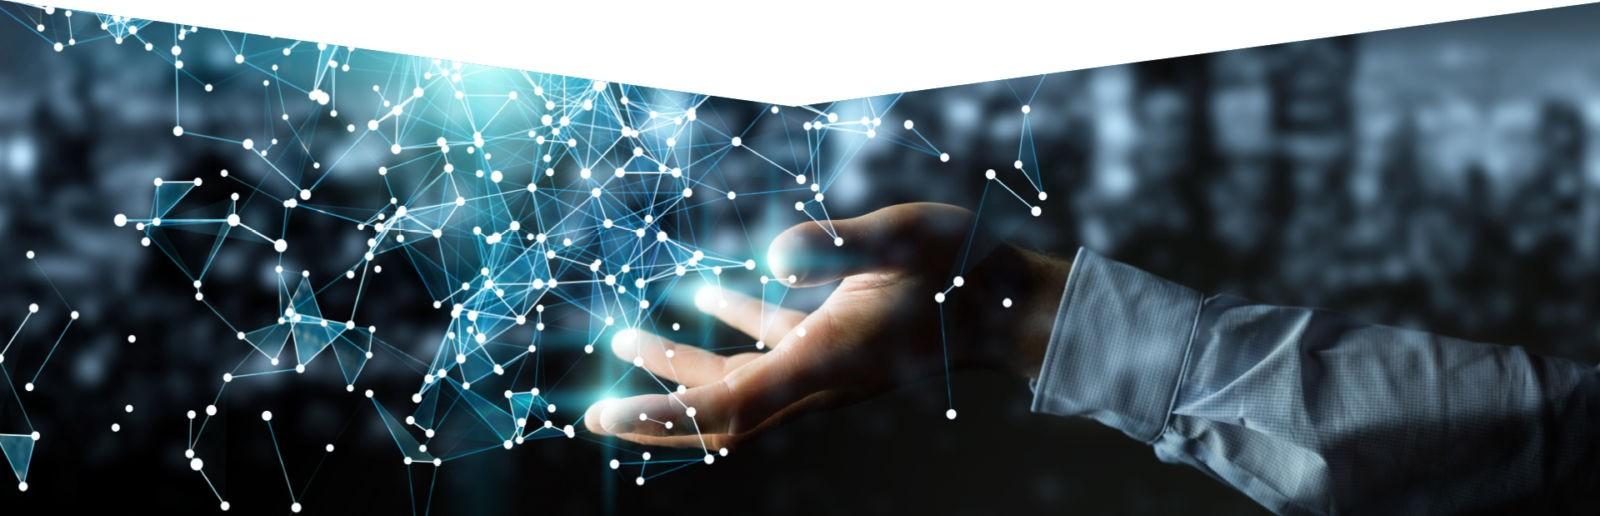 Schwaert Sicherheit und Kommunikation, Bahlingen, Emmendingen, Freiburg, Heimnetzwerk- & Firmennetzwerklösungen, IT-Konzepte, IT-Planung, Konzeption von Netzwerkverkabelung & Infrastruktur